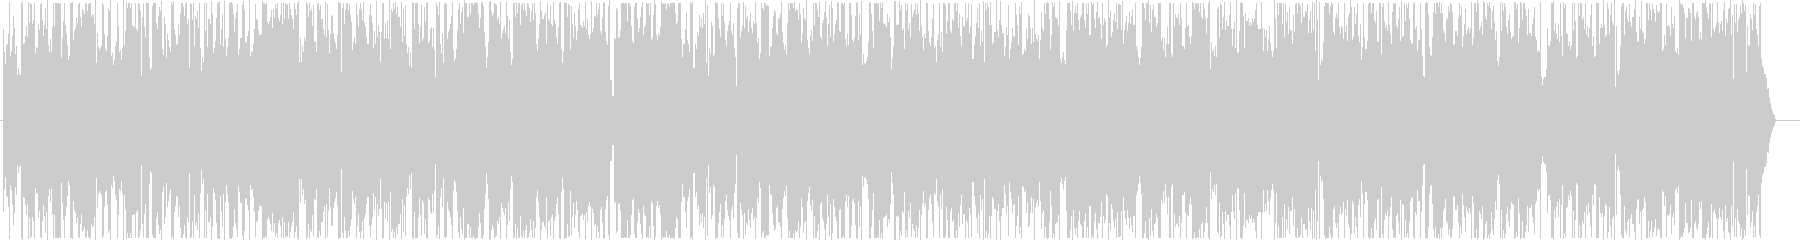 ラウンジで流れる大人のジャズバラードの未再生の波形